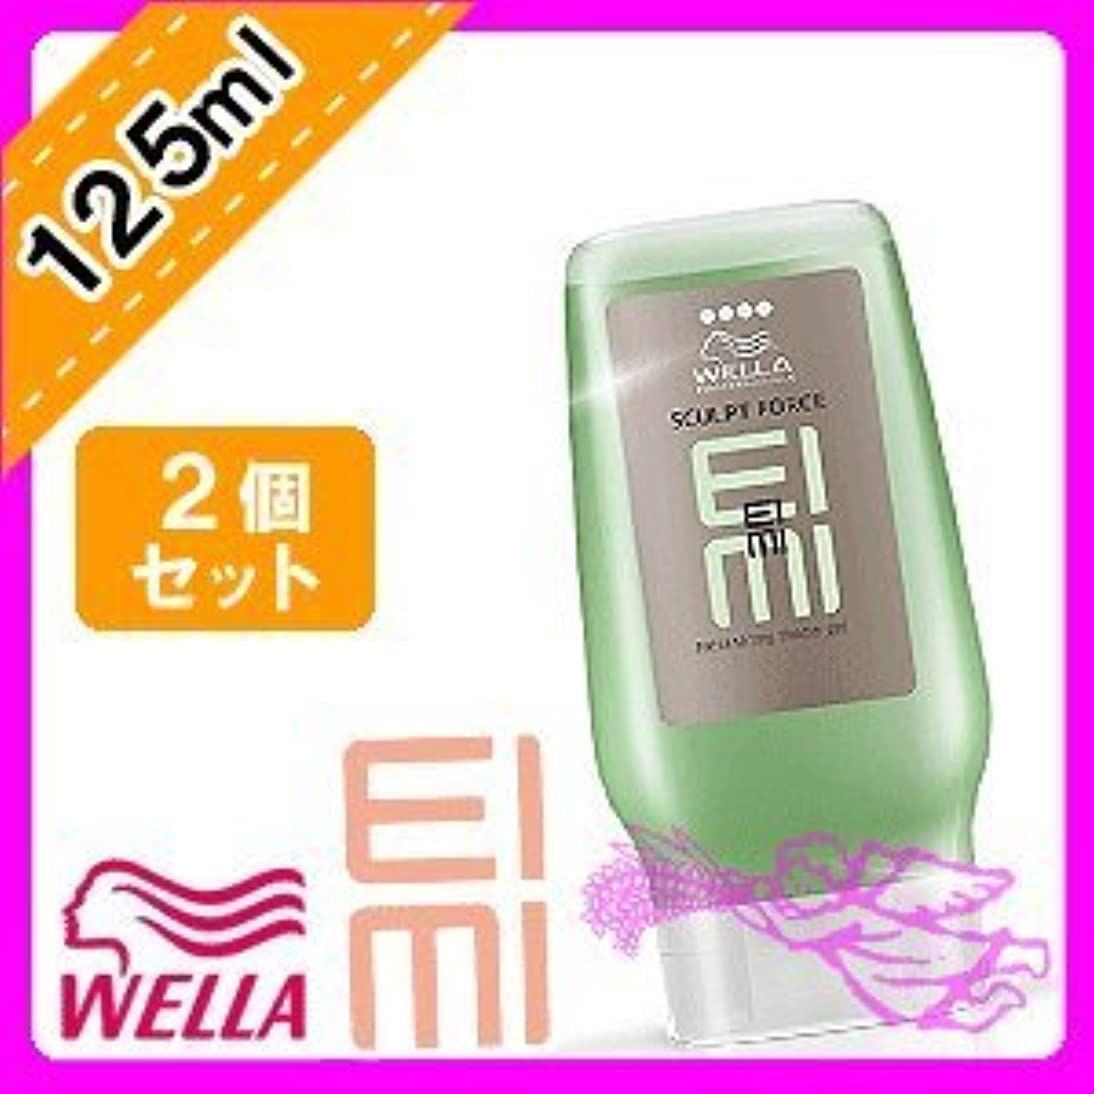 証明書サミット留め金ウエラ EIMI(アイミィ) スカルプトフォースジェル 125ml ×2個 セット WELLA P&G